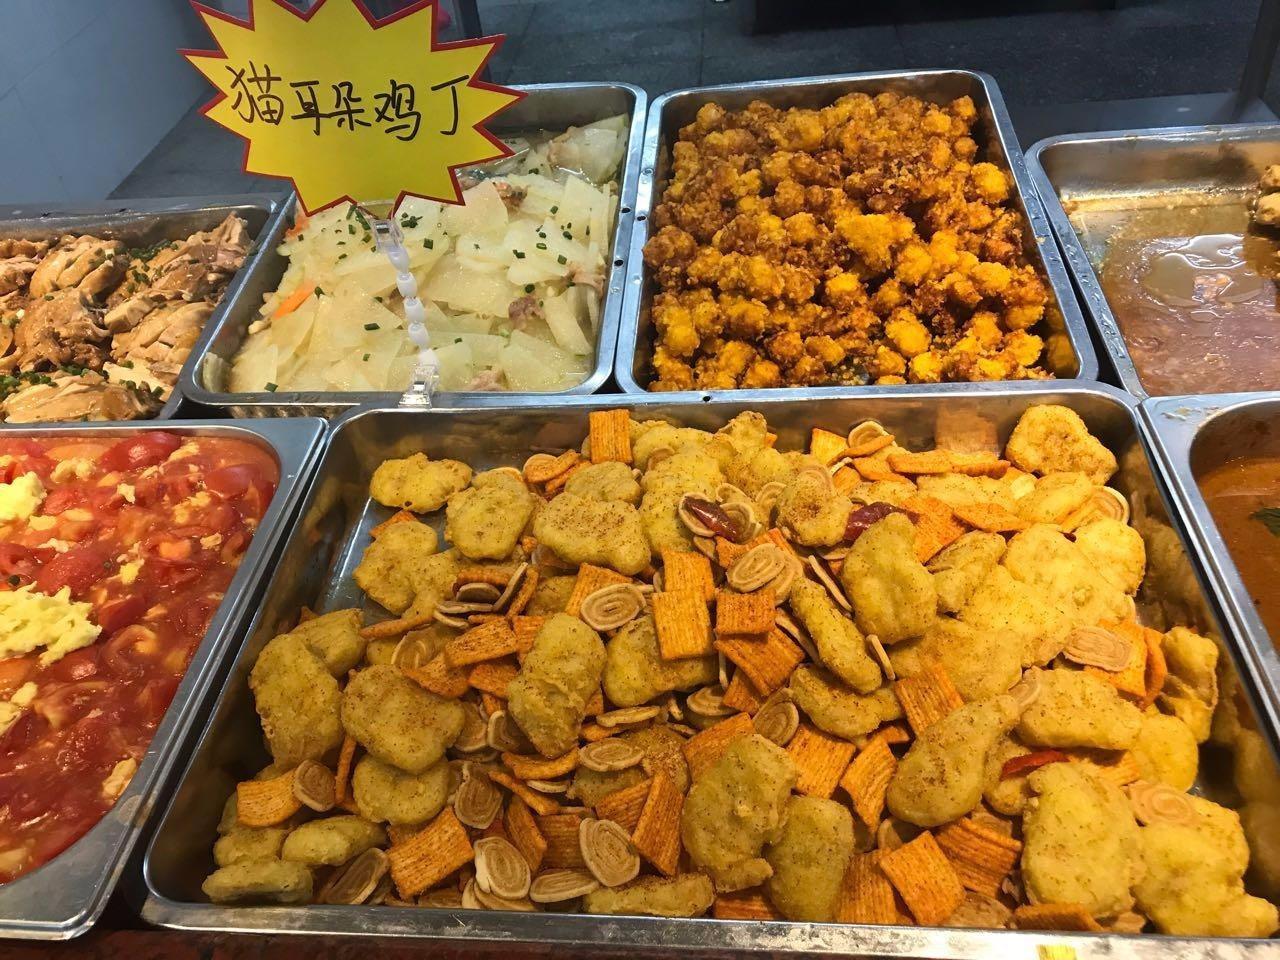 廣東工商學院這周推出「江湖菜」,這道「貓耳朵雞丁」,就是炸雞塊拌脆餅。取自搜狐